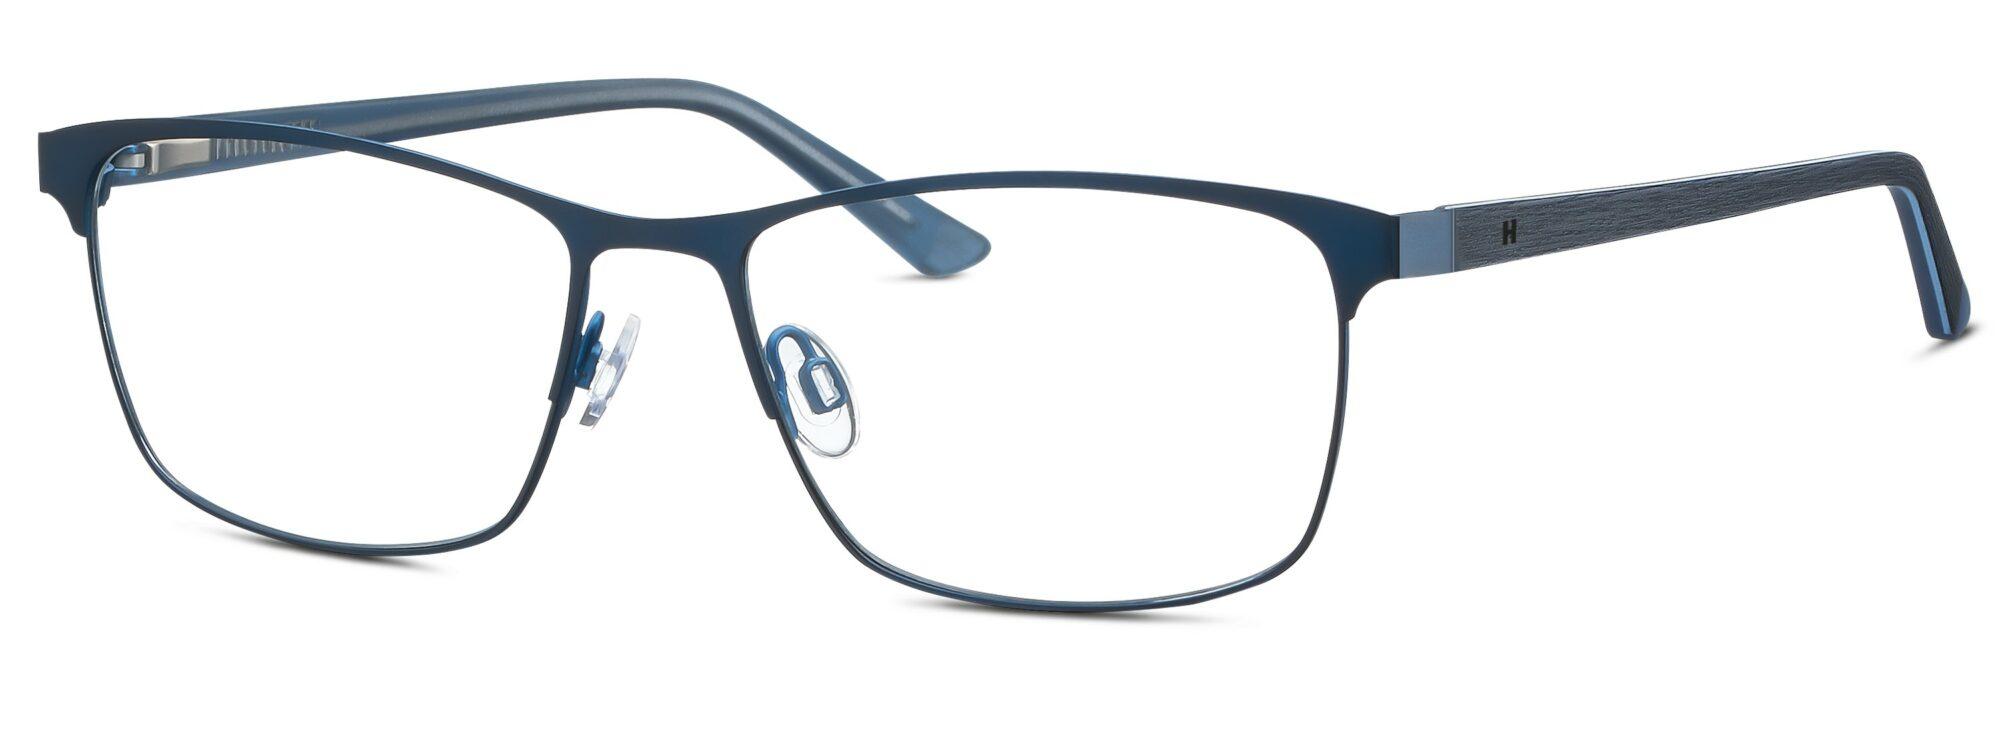 61244e9d098 model 582241 – HUMPHREY´S eyewear